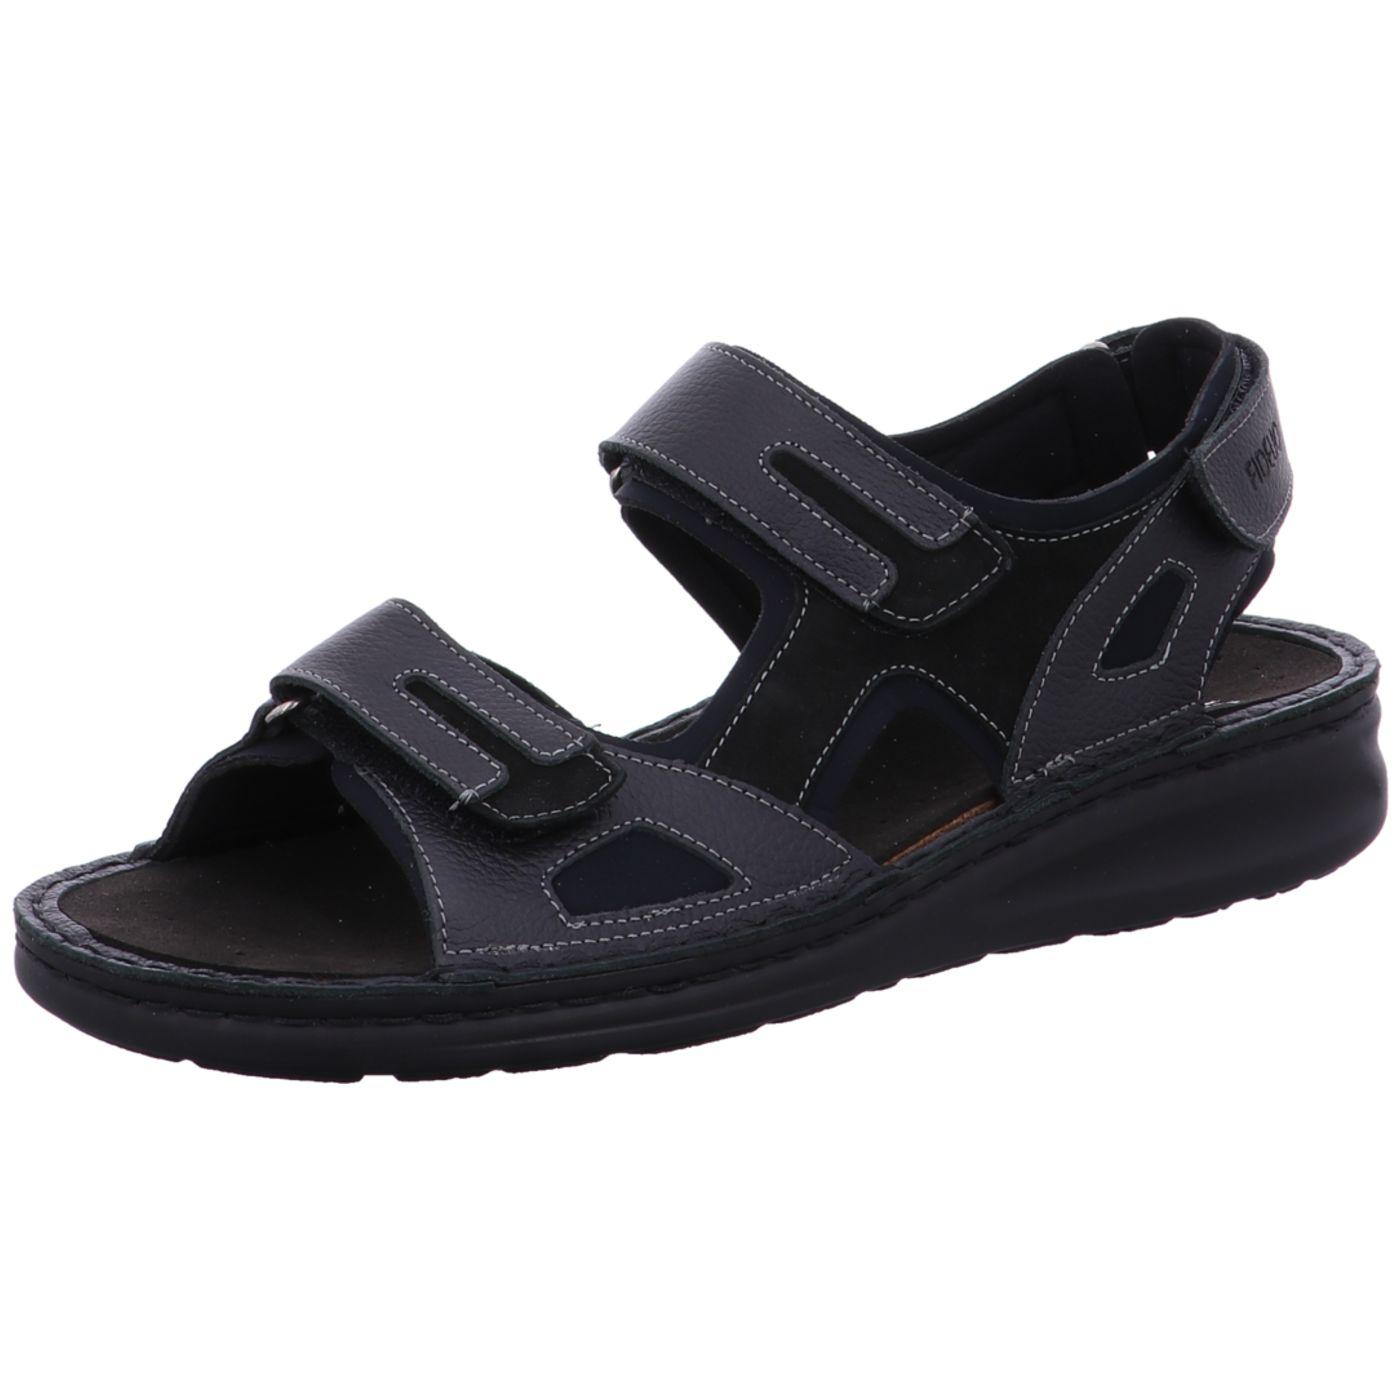 Schuhe SortimentSchuhglück Großes Fidelio Online » Kaufen 6gf7IYymbv